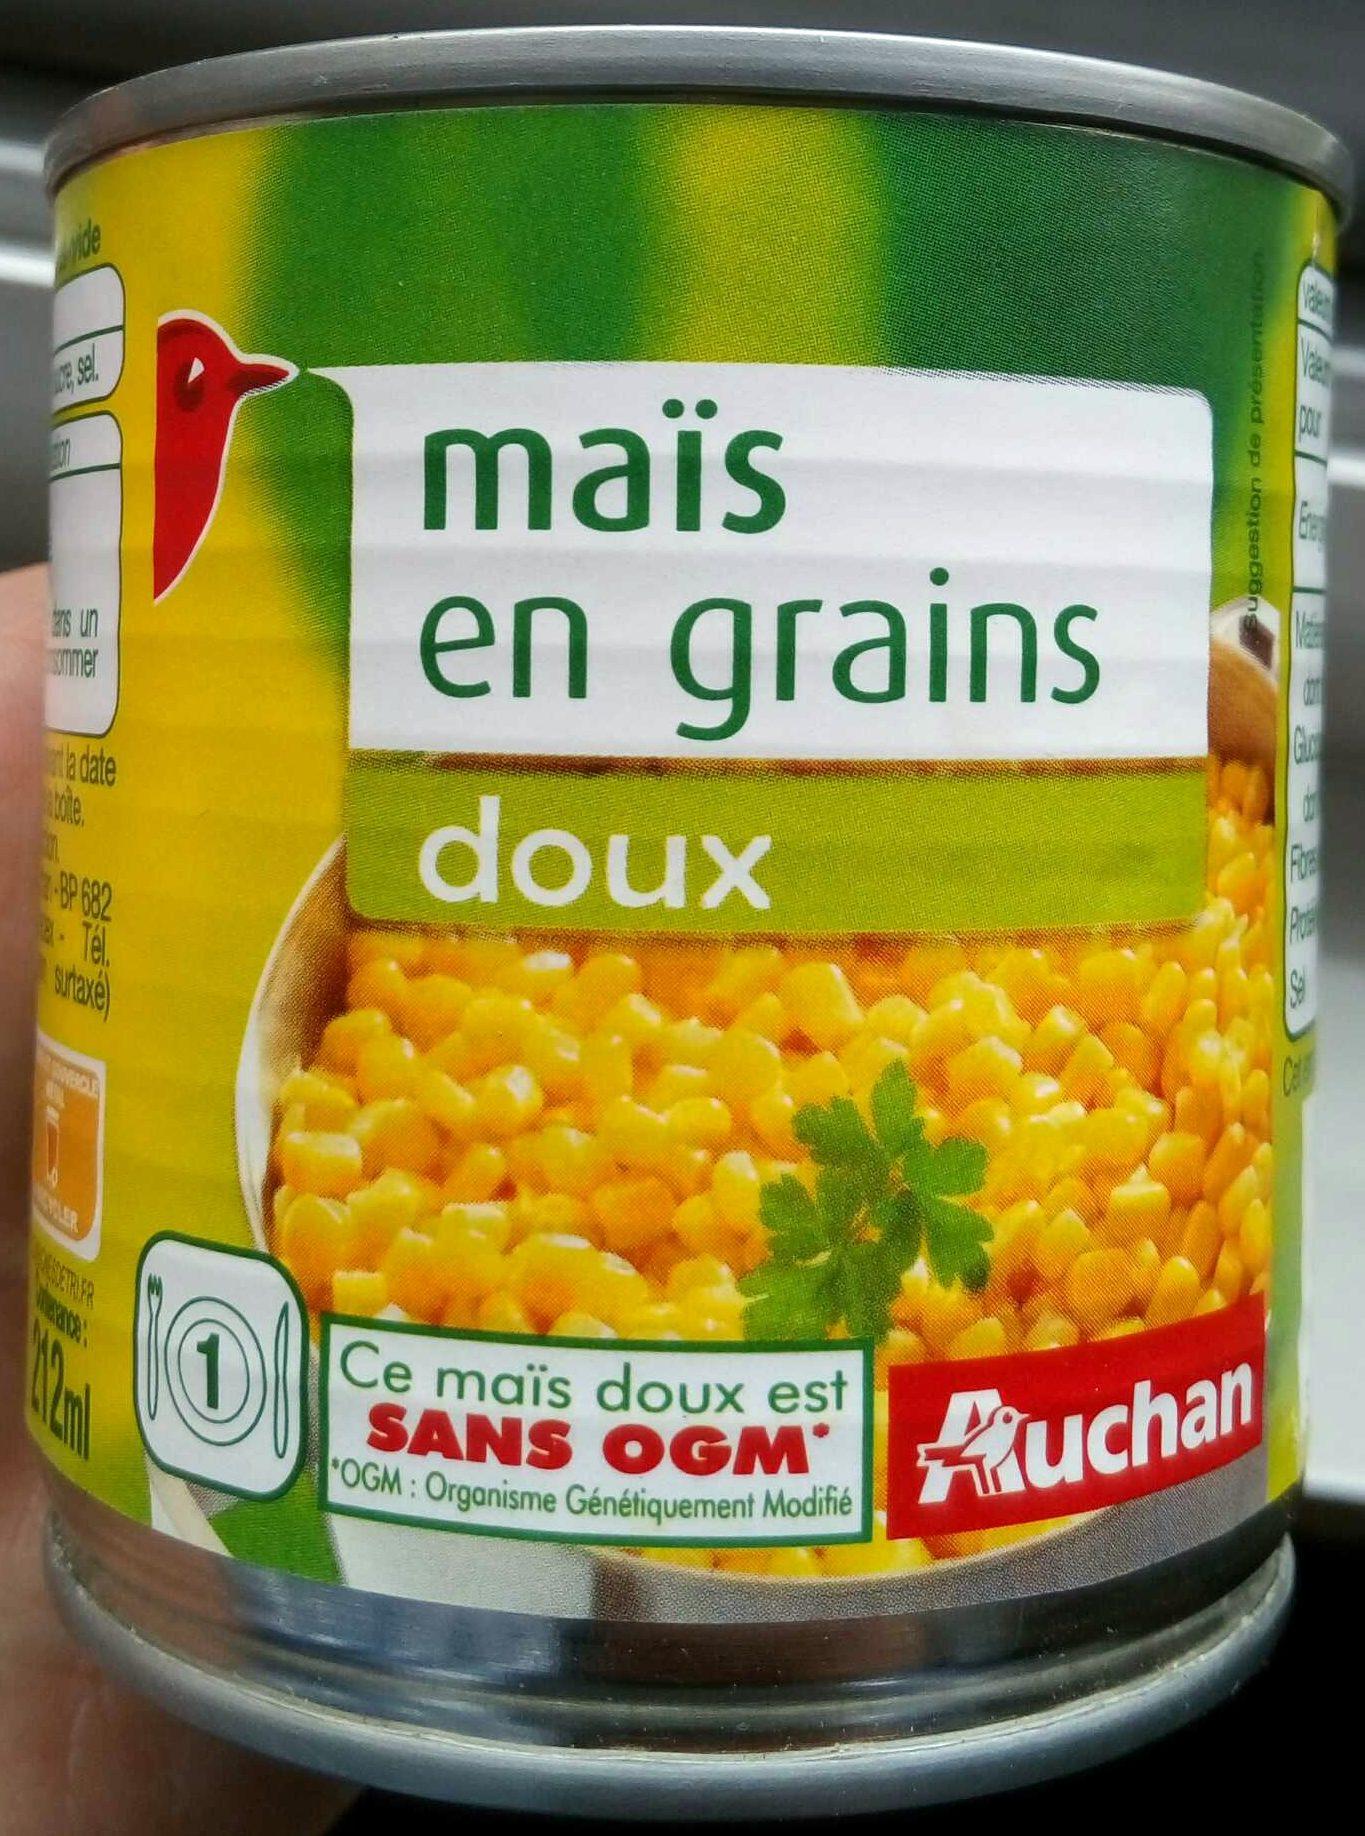 Maïs en grains doux - Produit - fr